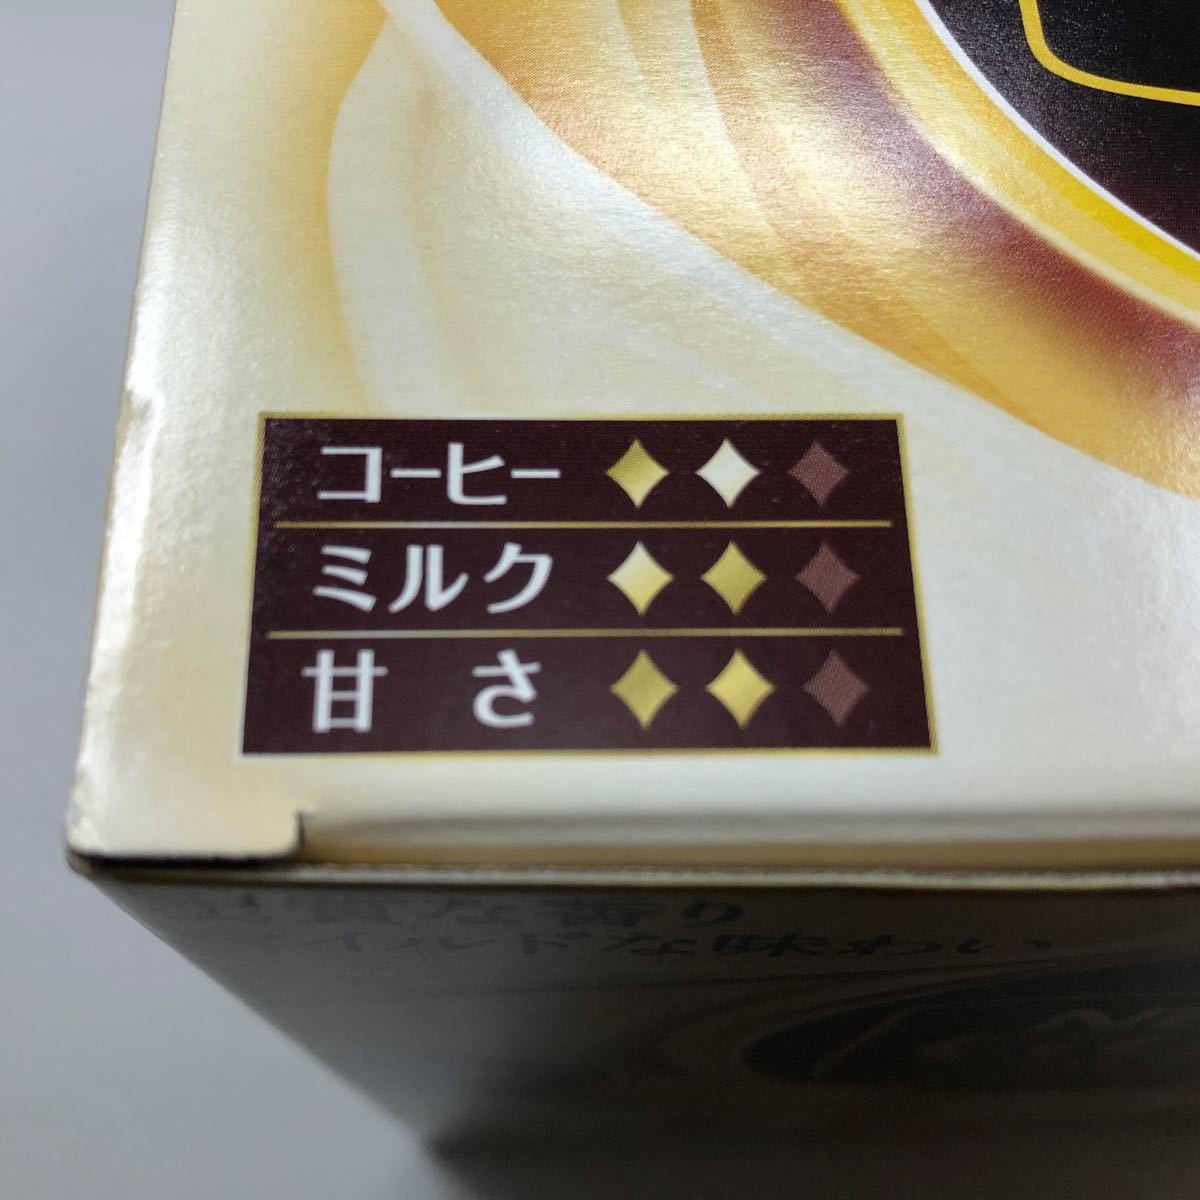 【40本】ネスカフェ ゴールドブレンドスティックコーヒー カフェラテ カフェオレ